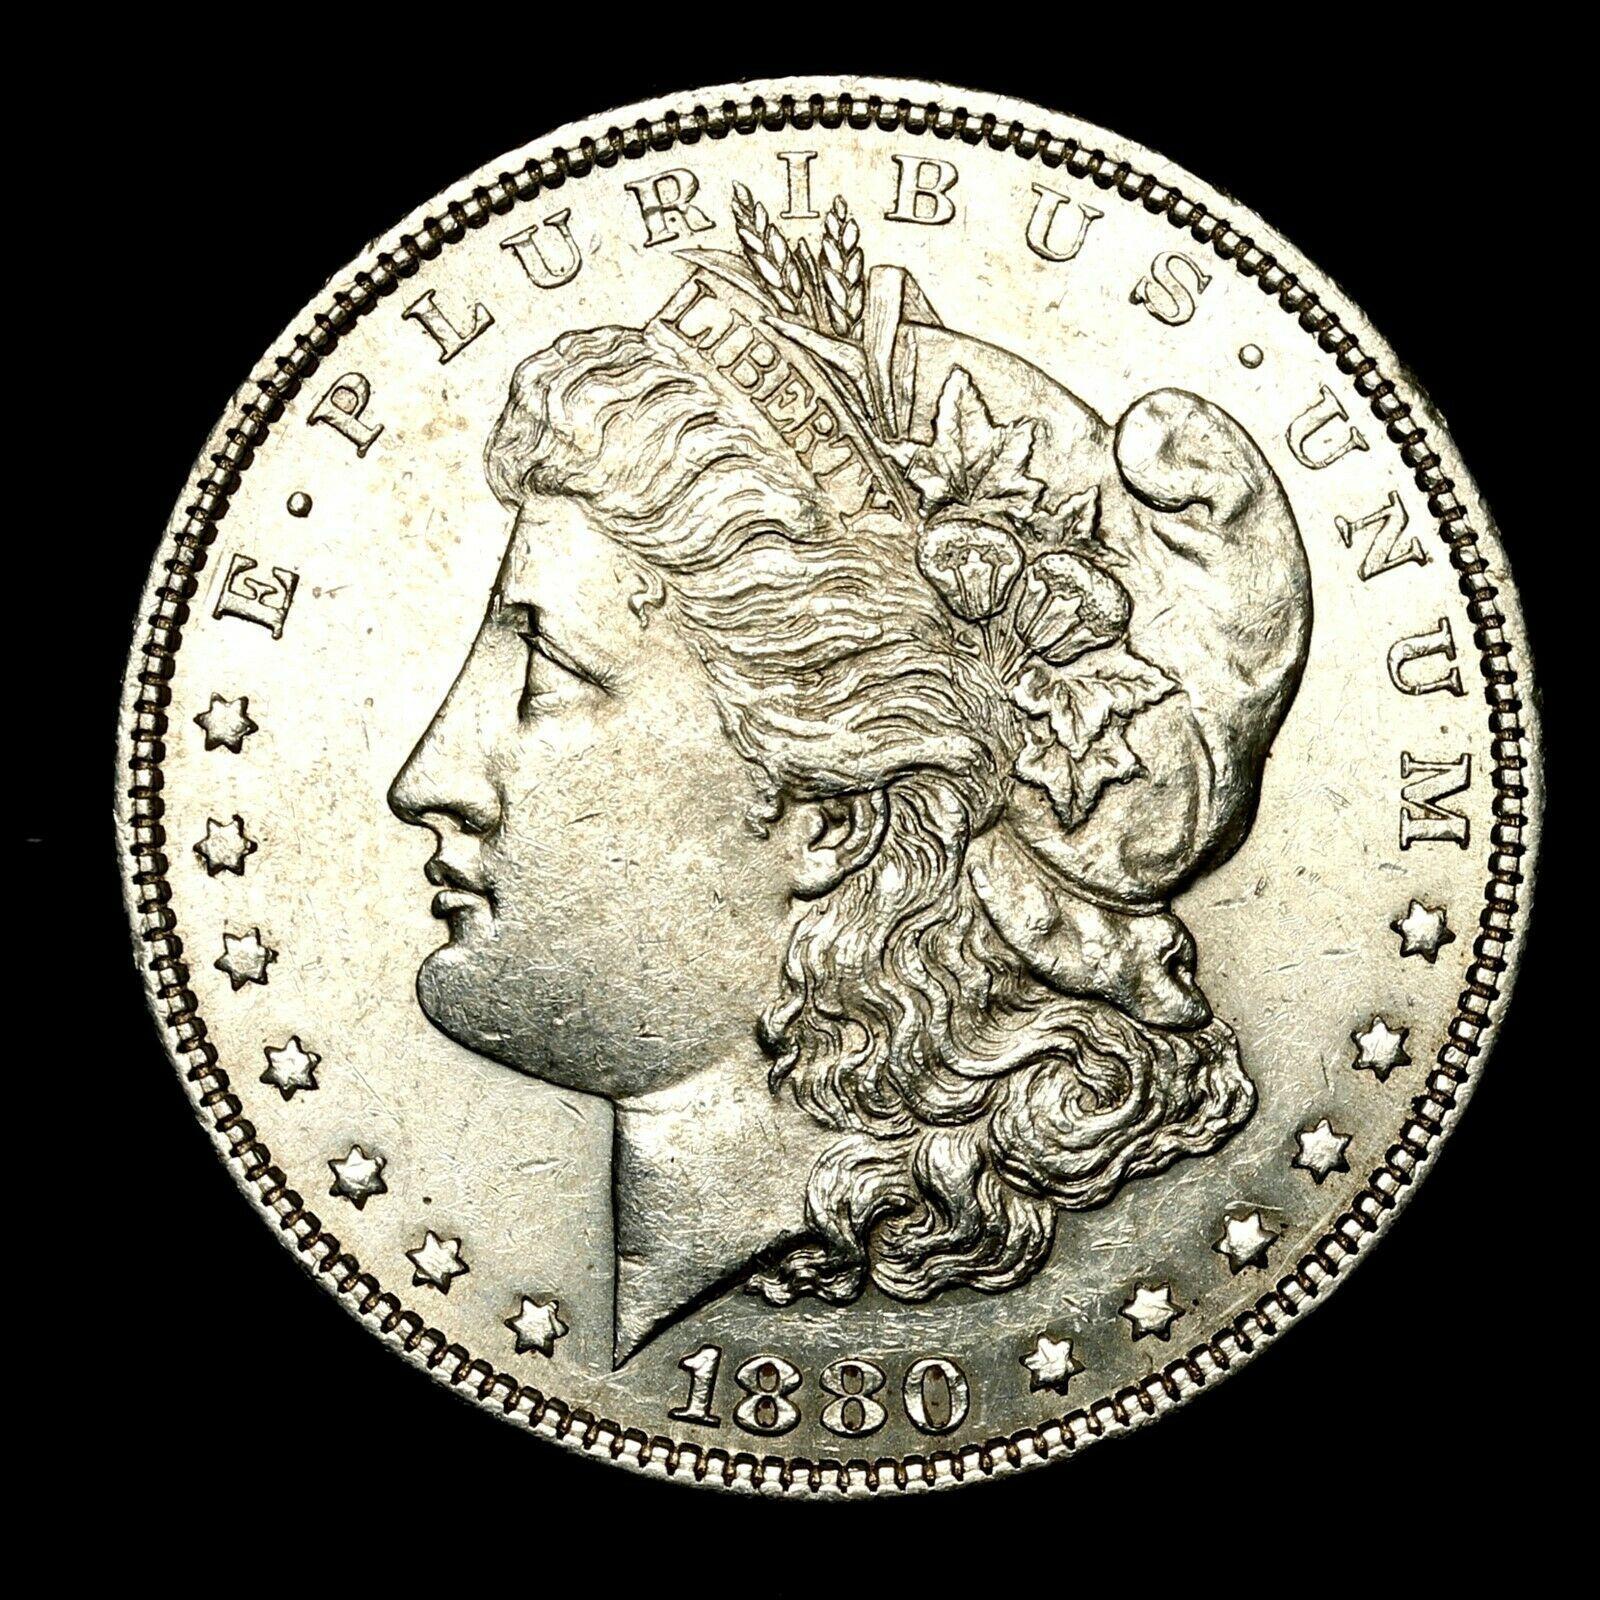 1880 O About Uncirculated Au Silver Morgan Dollar Rare Us Old Coin D70 Coins Rare Ideas Of Coins Rare Coins Rare Old Coins Antique Coins Morgan Dollars